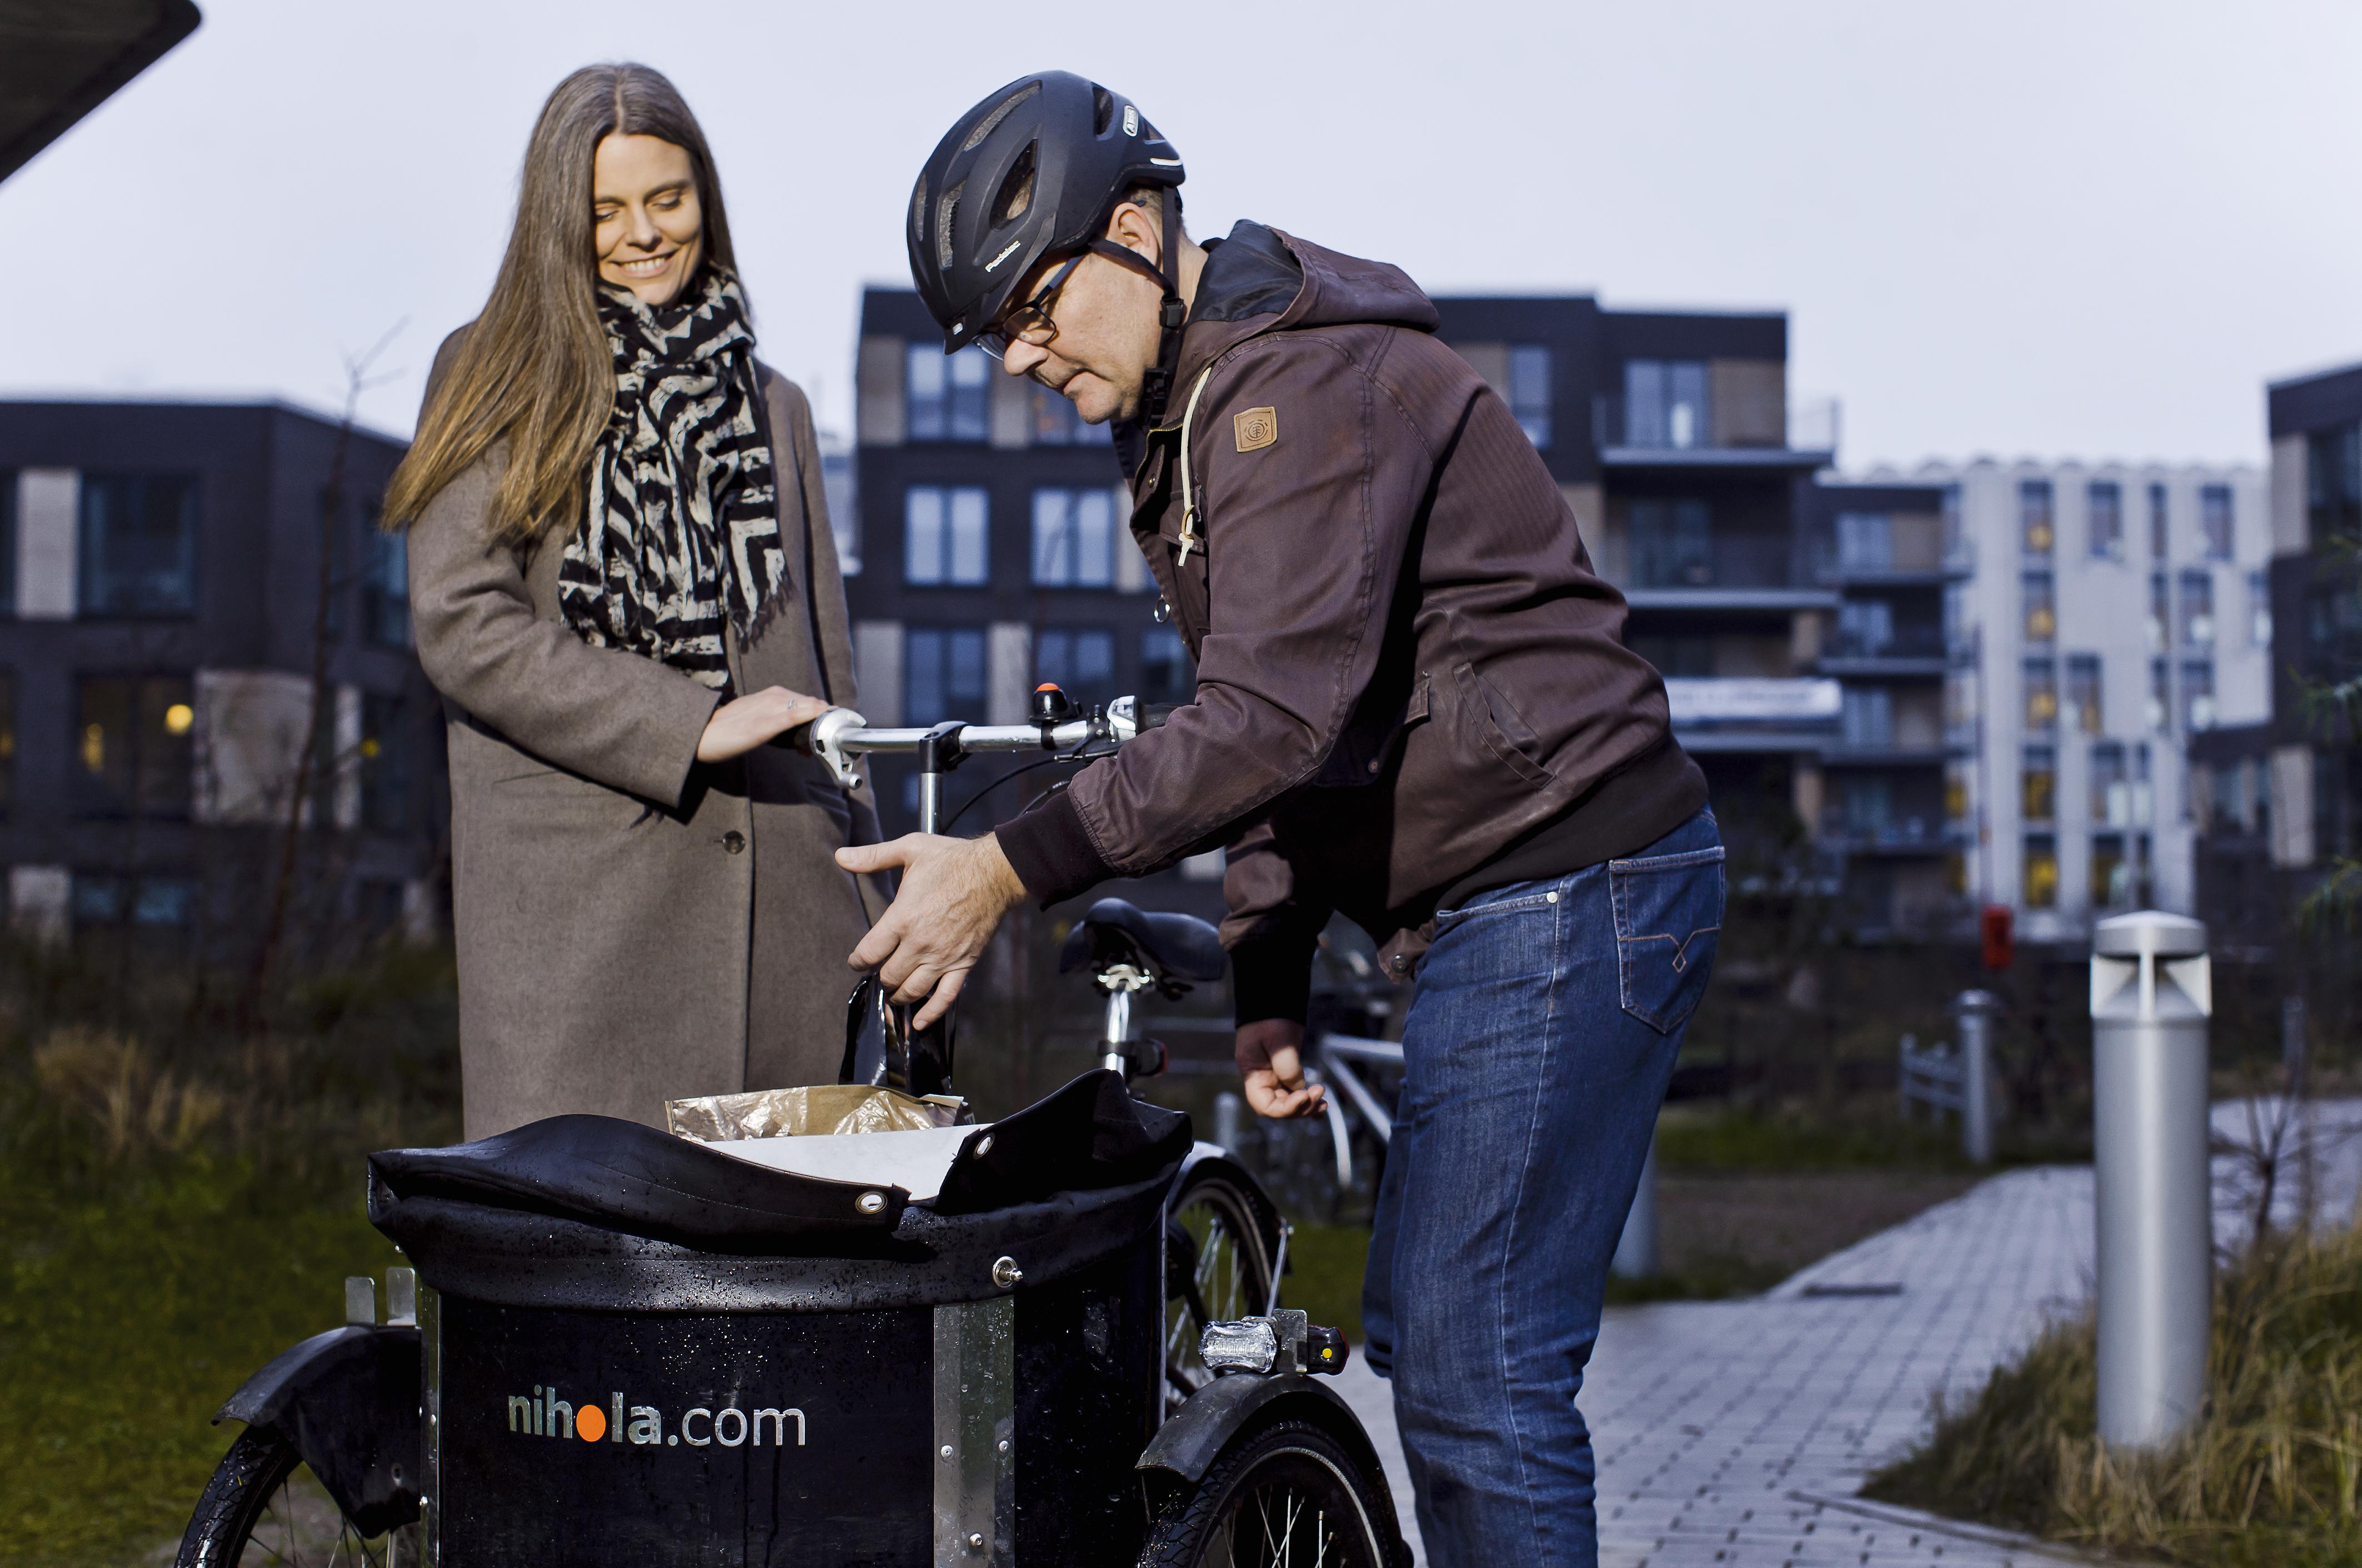 Henrik From fik praktikplads hos investeringsfirmaet SimCorp, hvor han kunne cykle til og fra arbejde. Men først skulle han have struktur på sin hverdag.